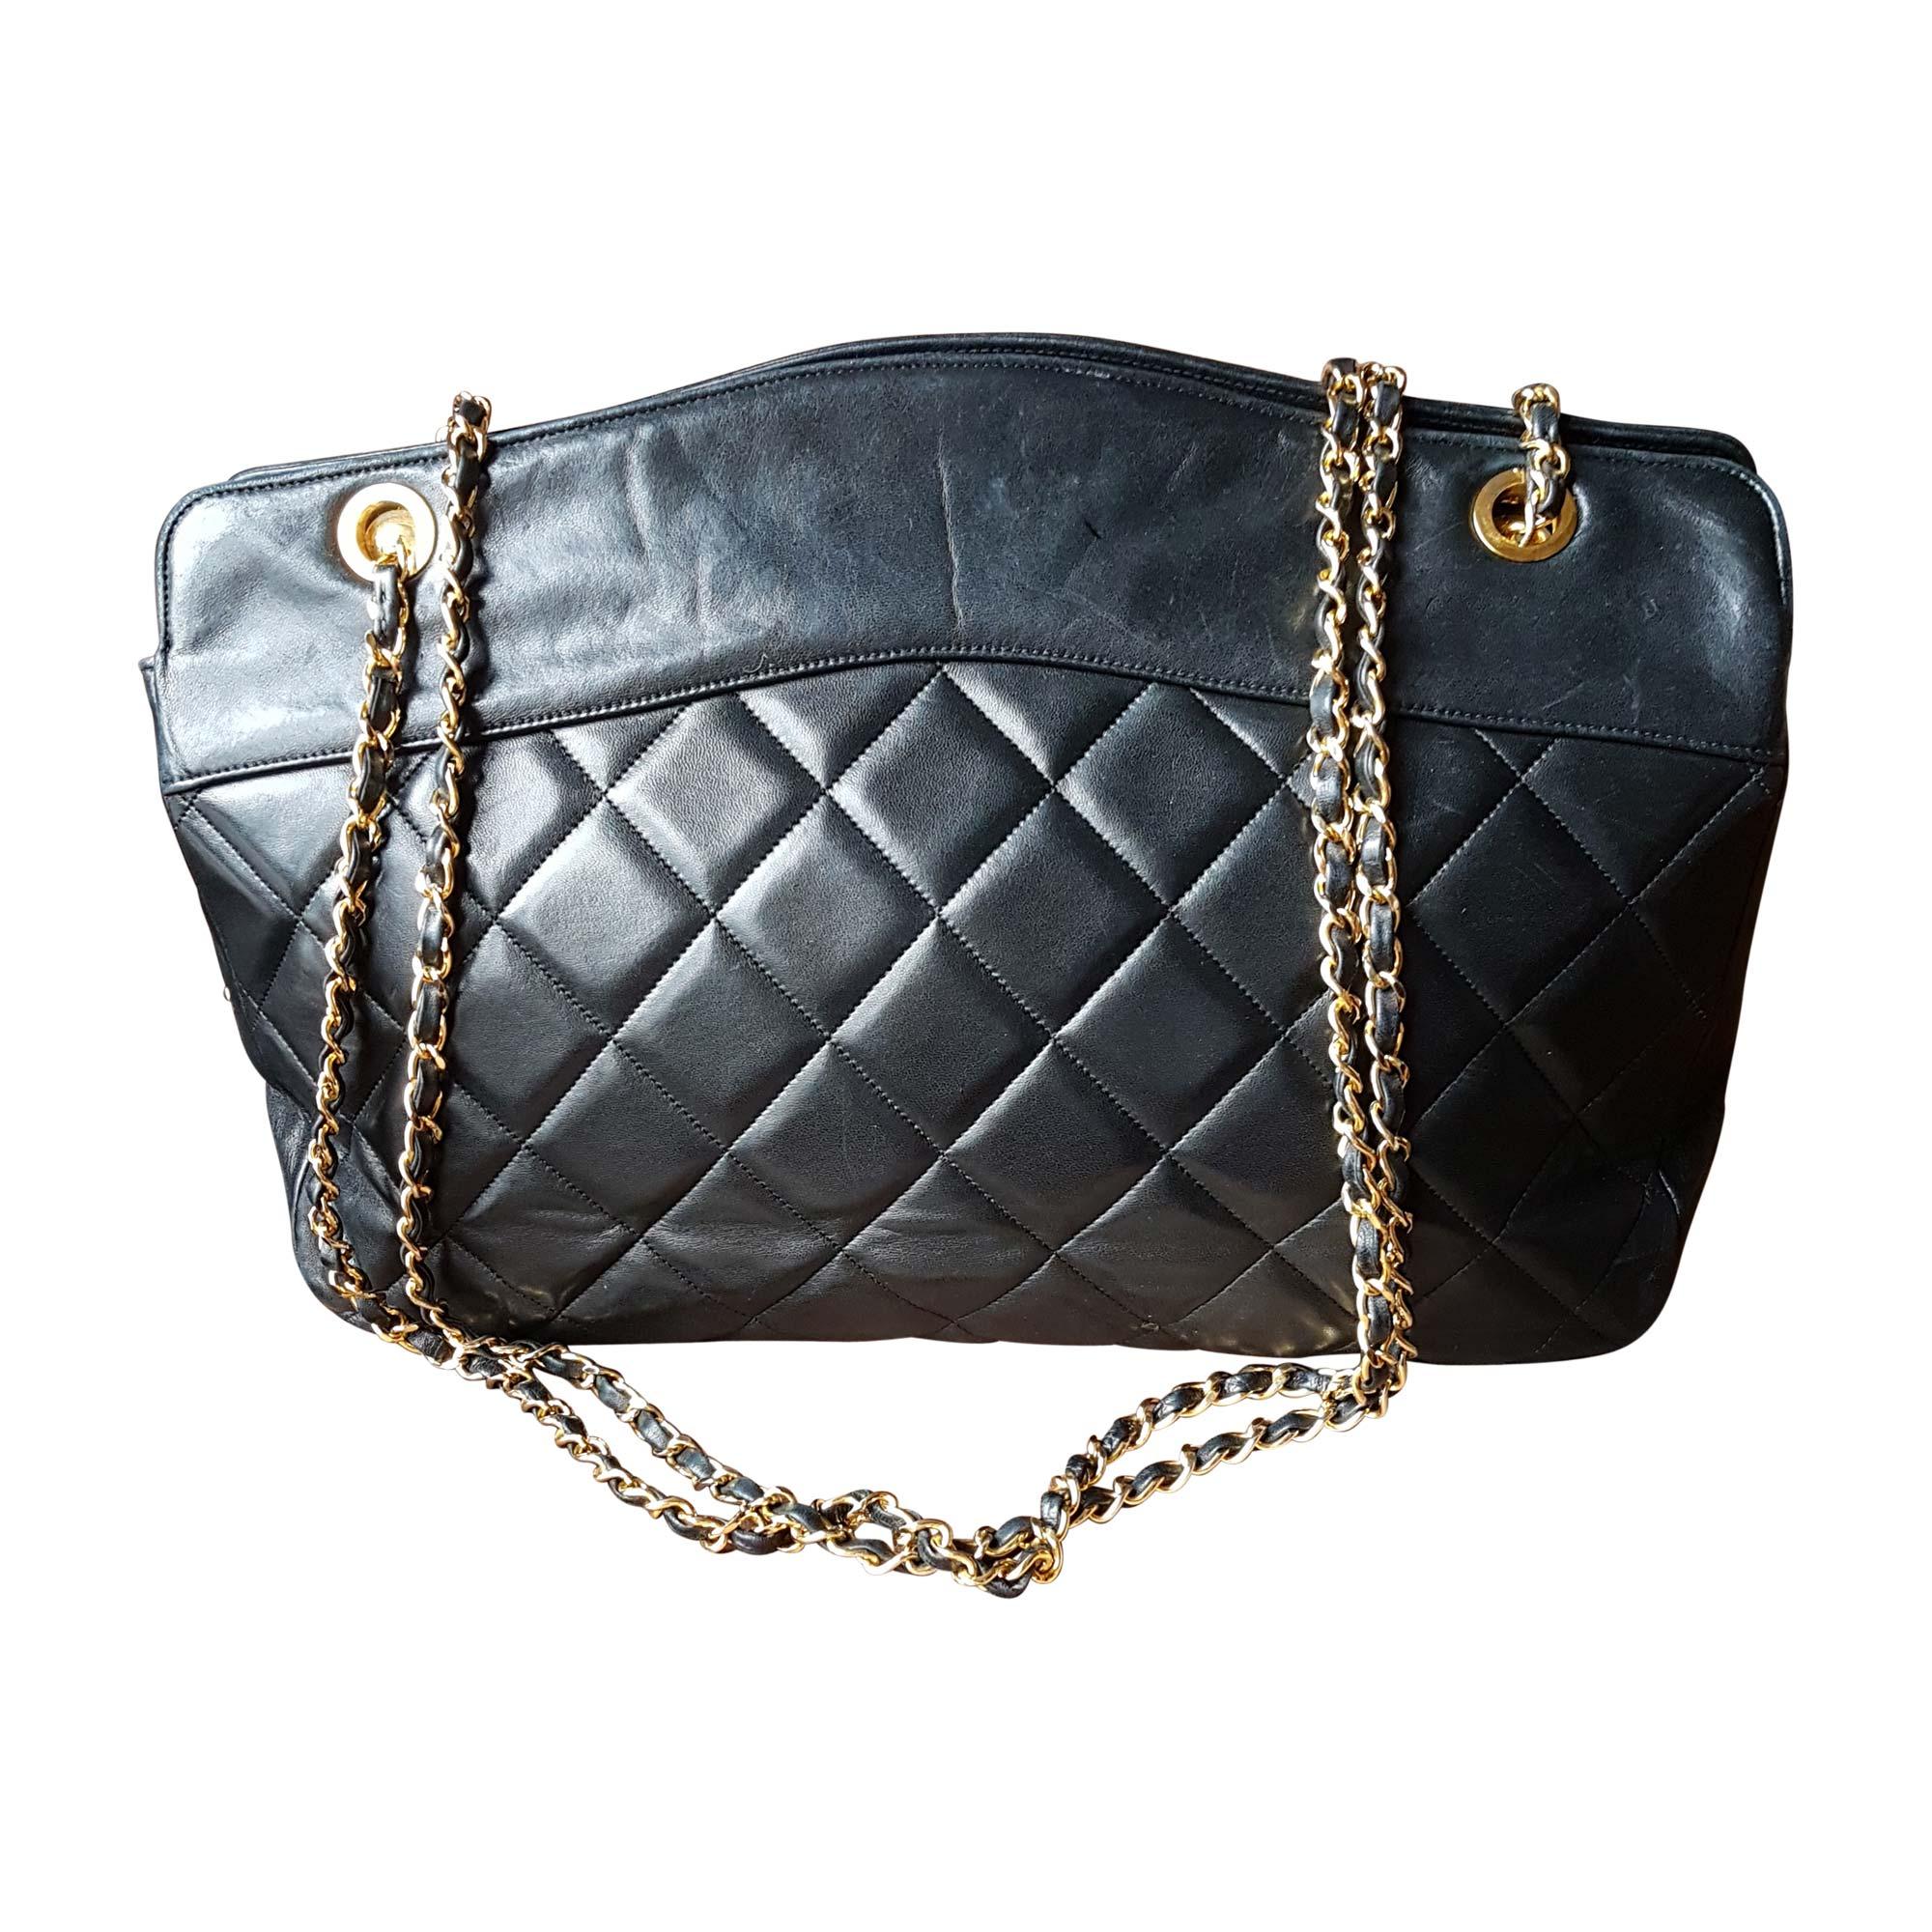 95d9eb13c53a Sac en bandoulière en cuir CHANEL shopping noir - 7009164